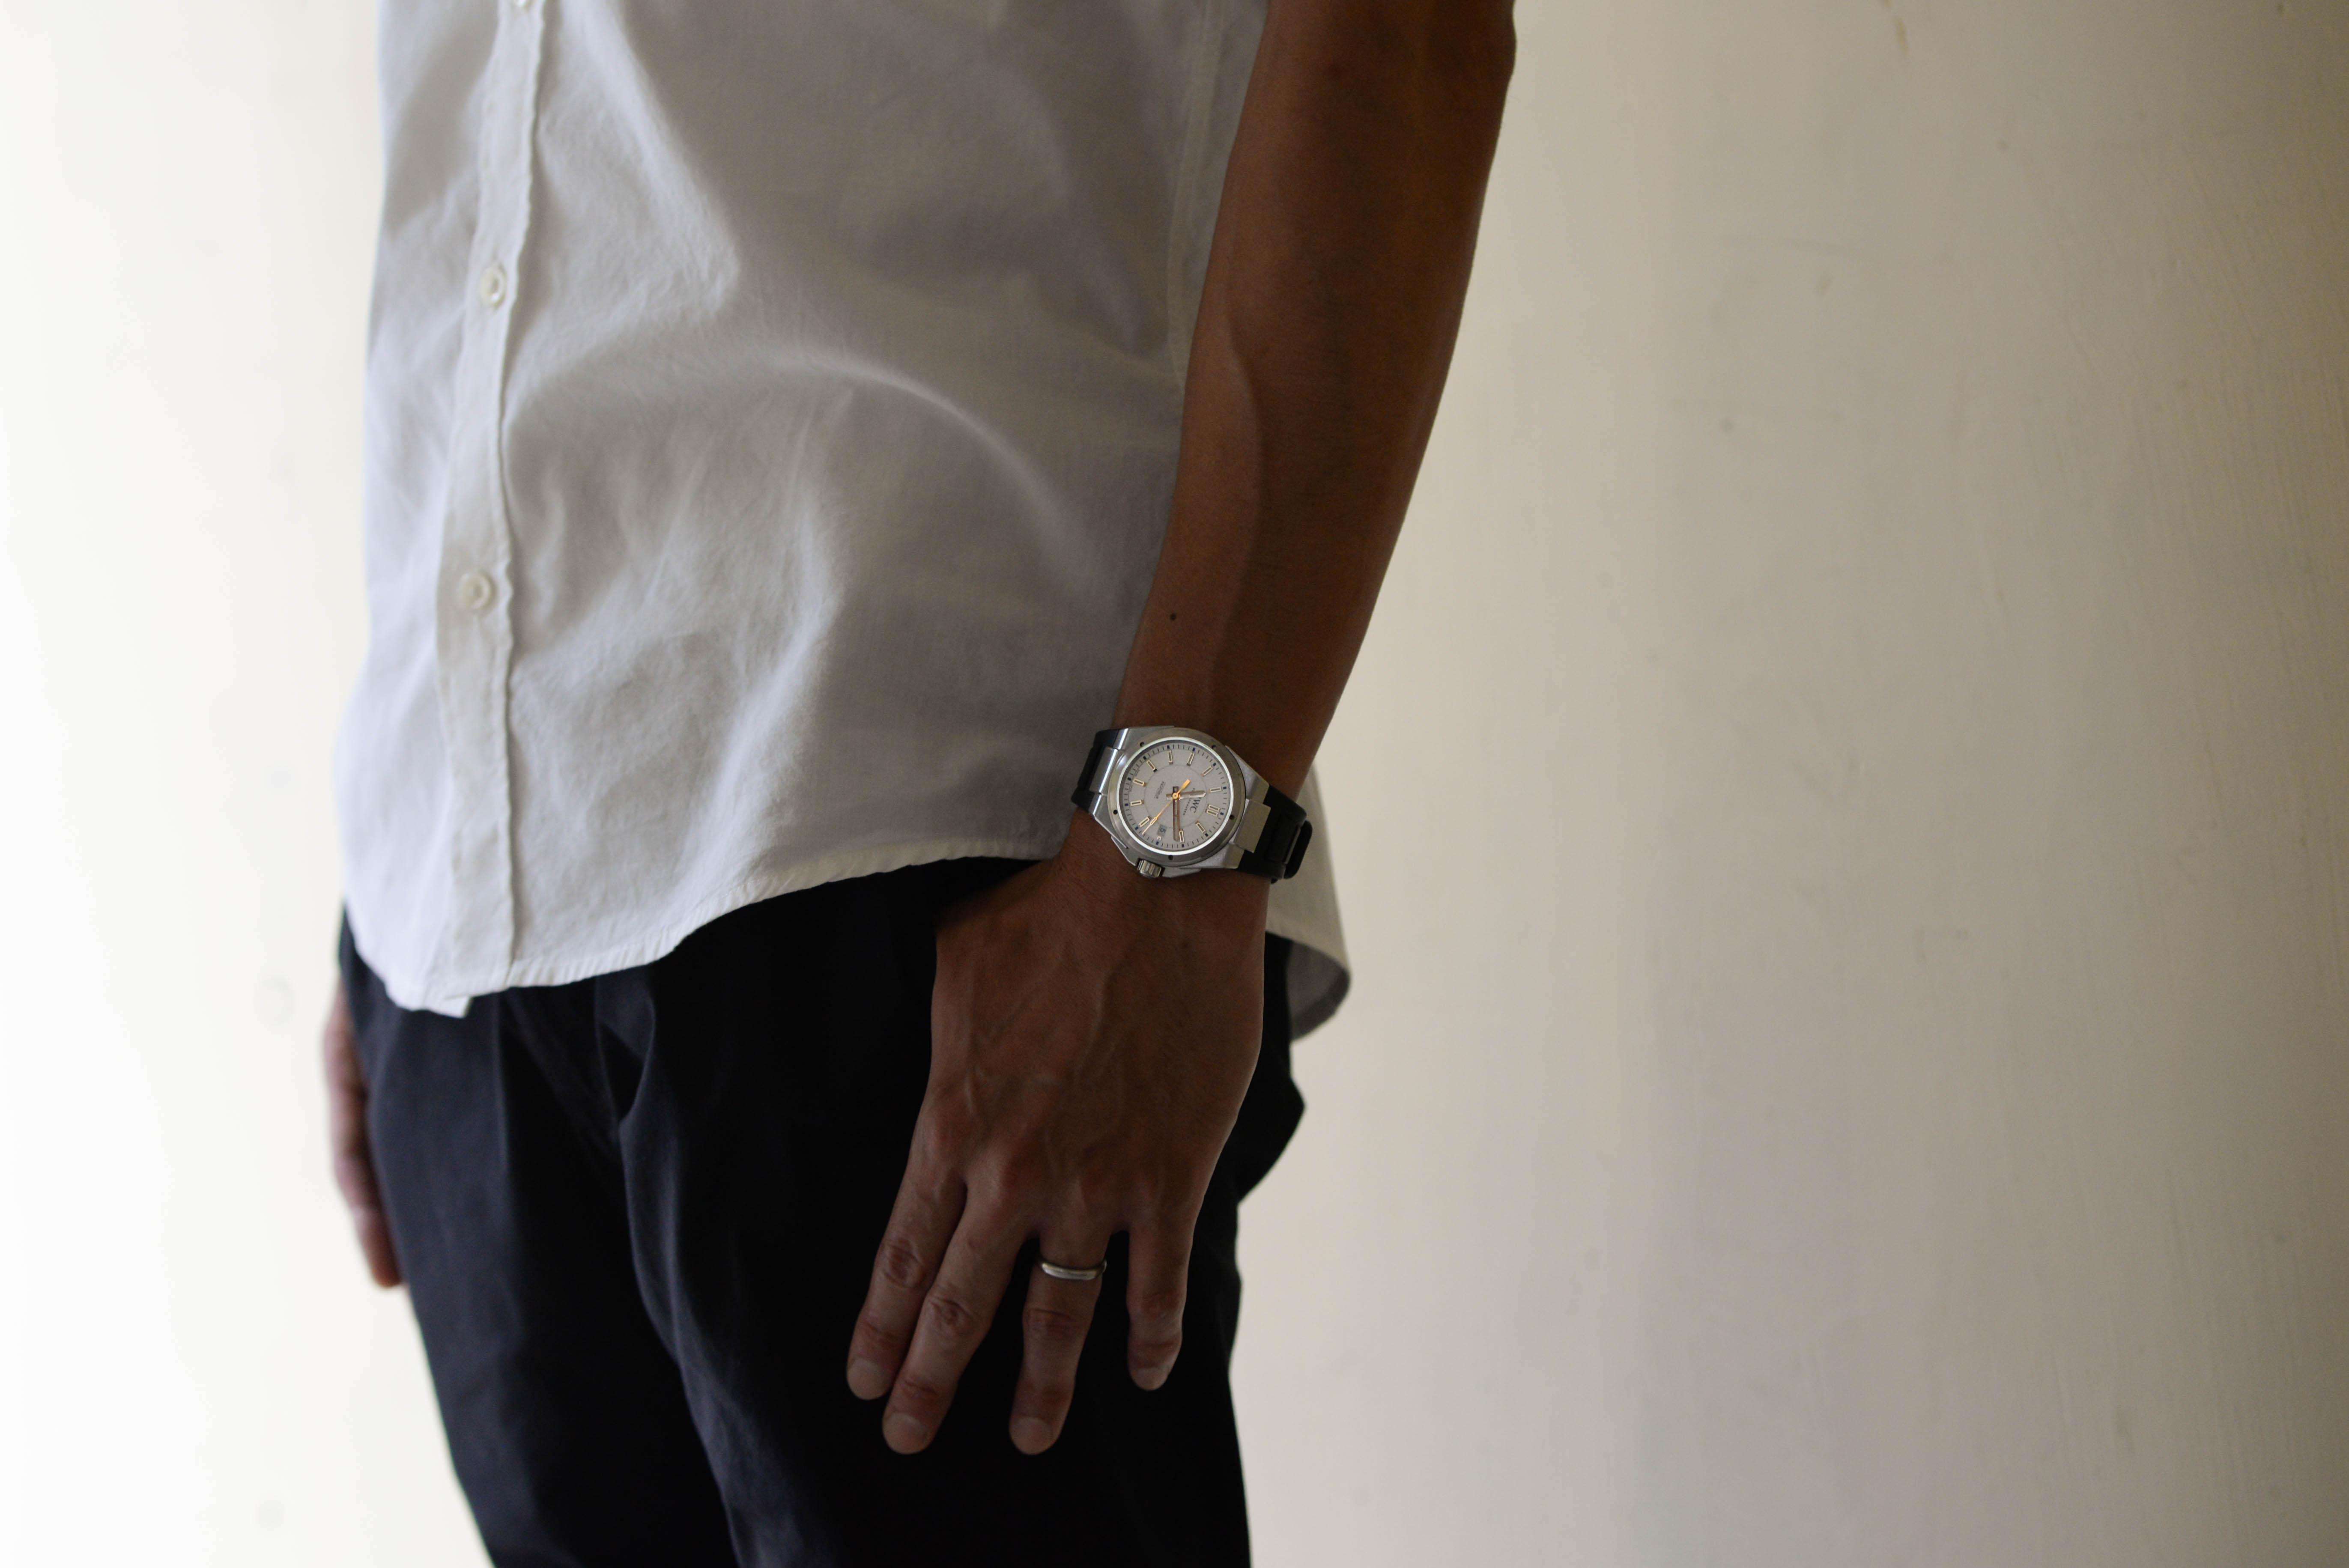 腕時計に興味をもったきっかけは23歳のとき